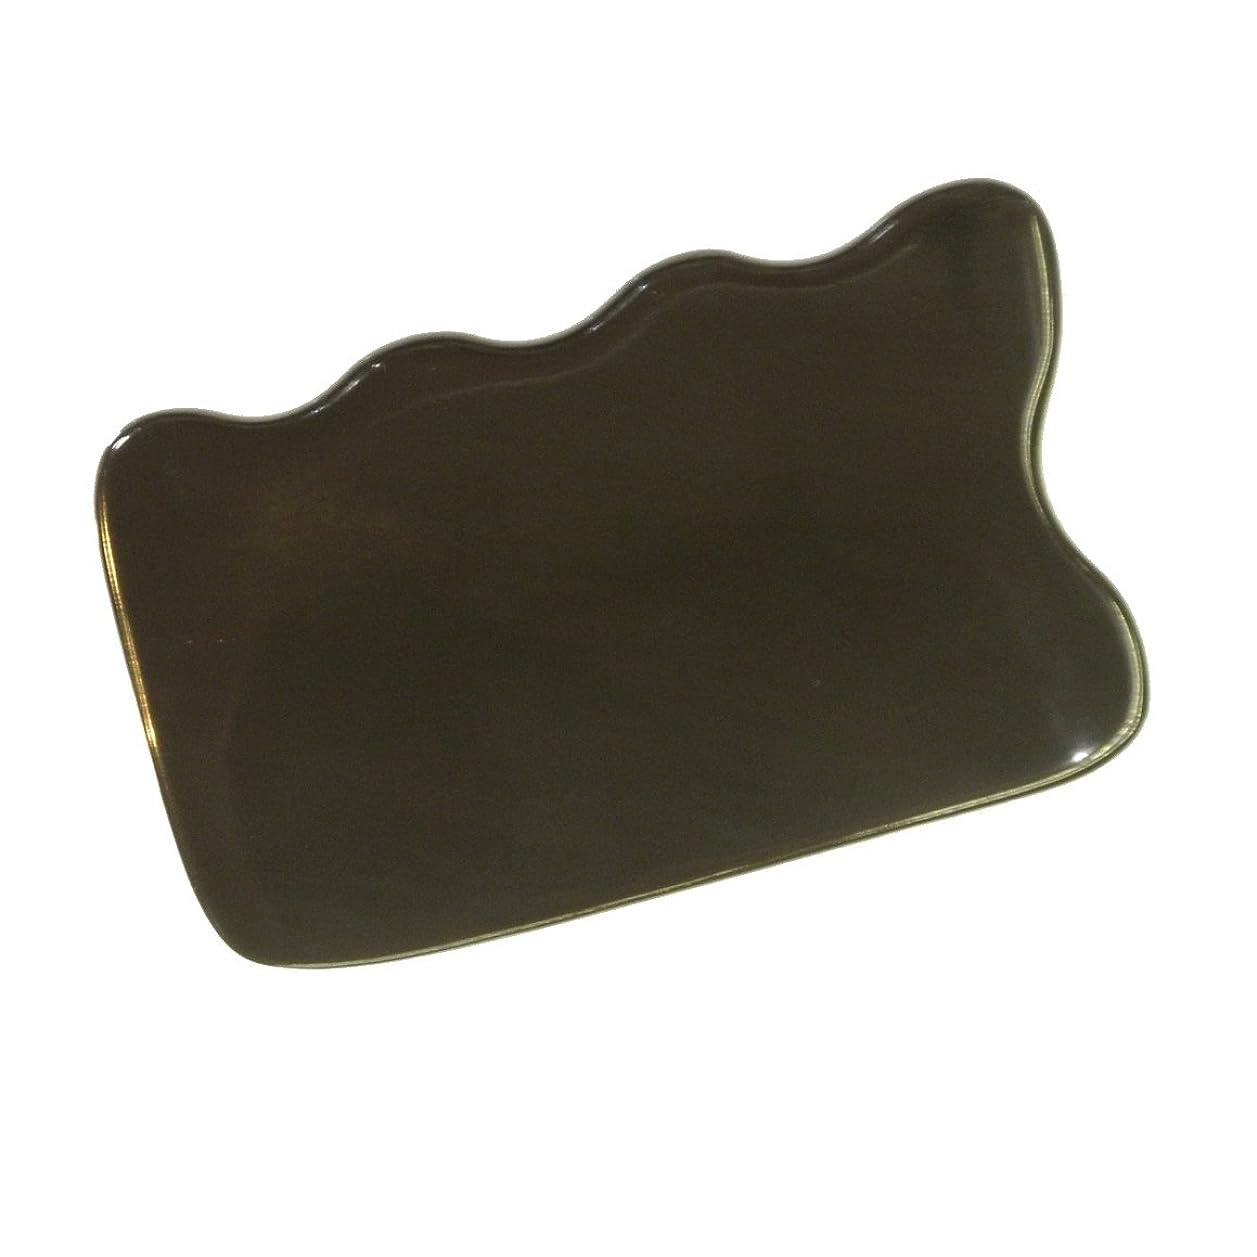 防ぐ素晴らしいケーキかっさ プレート 厚さが選べる 水牛の角(黒水牛角) EHE220 四角波 一般品 厚め(7ミリ程度)